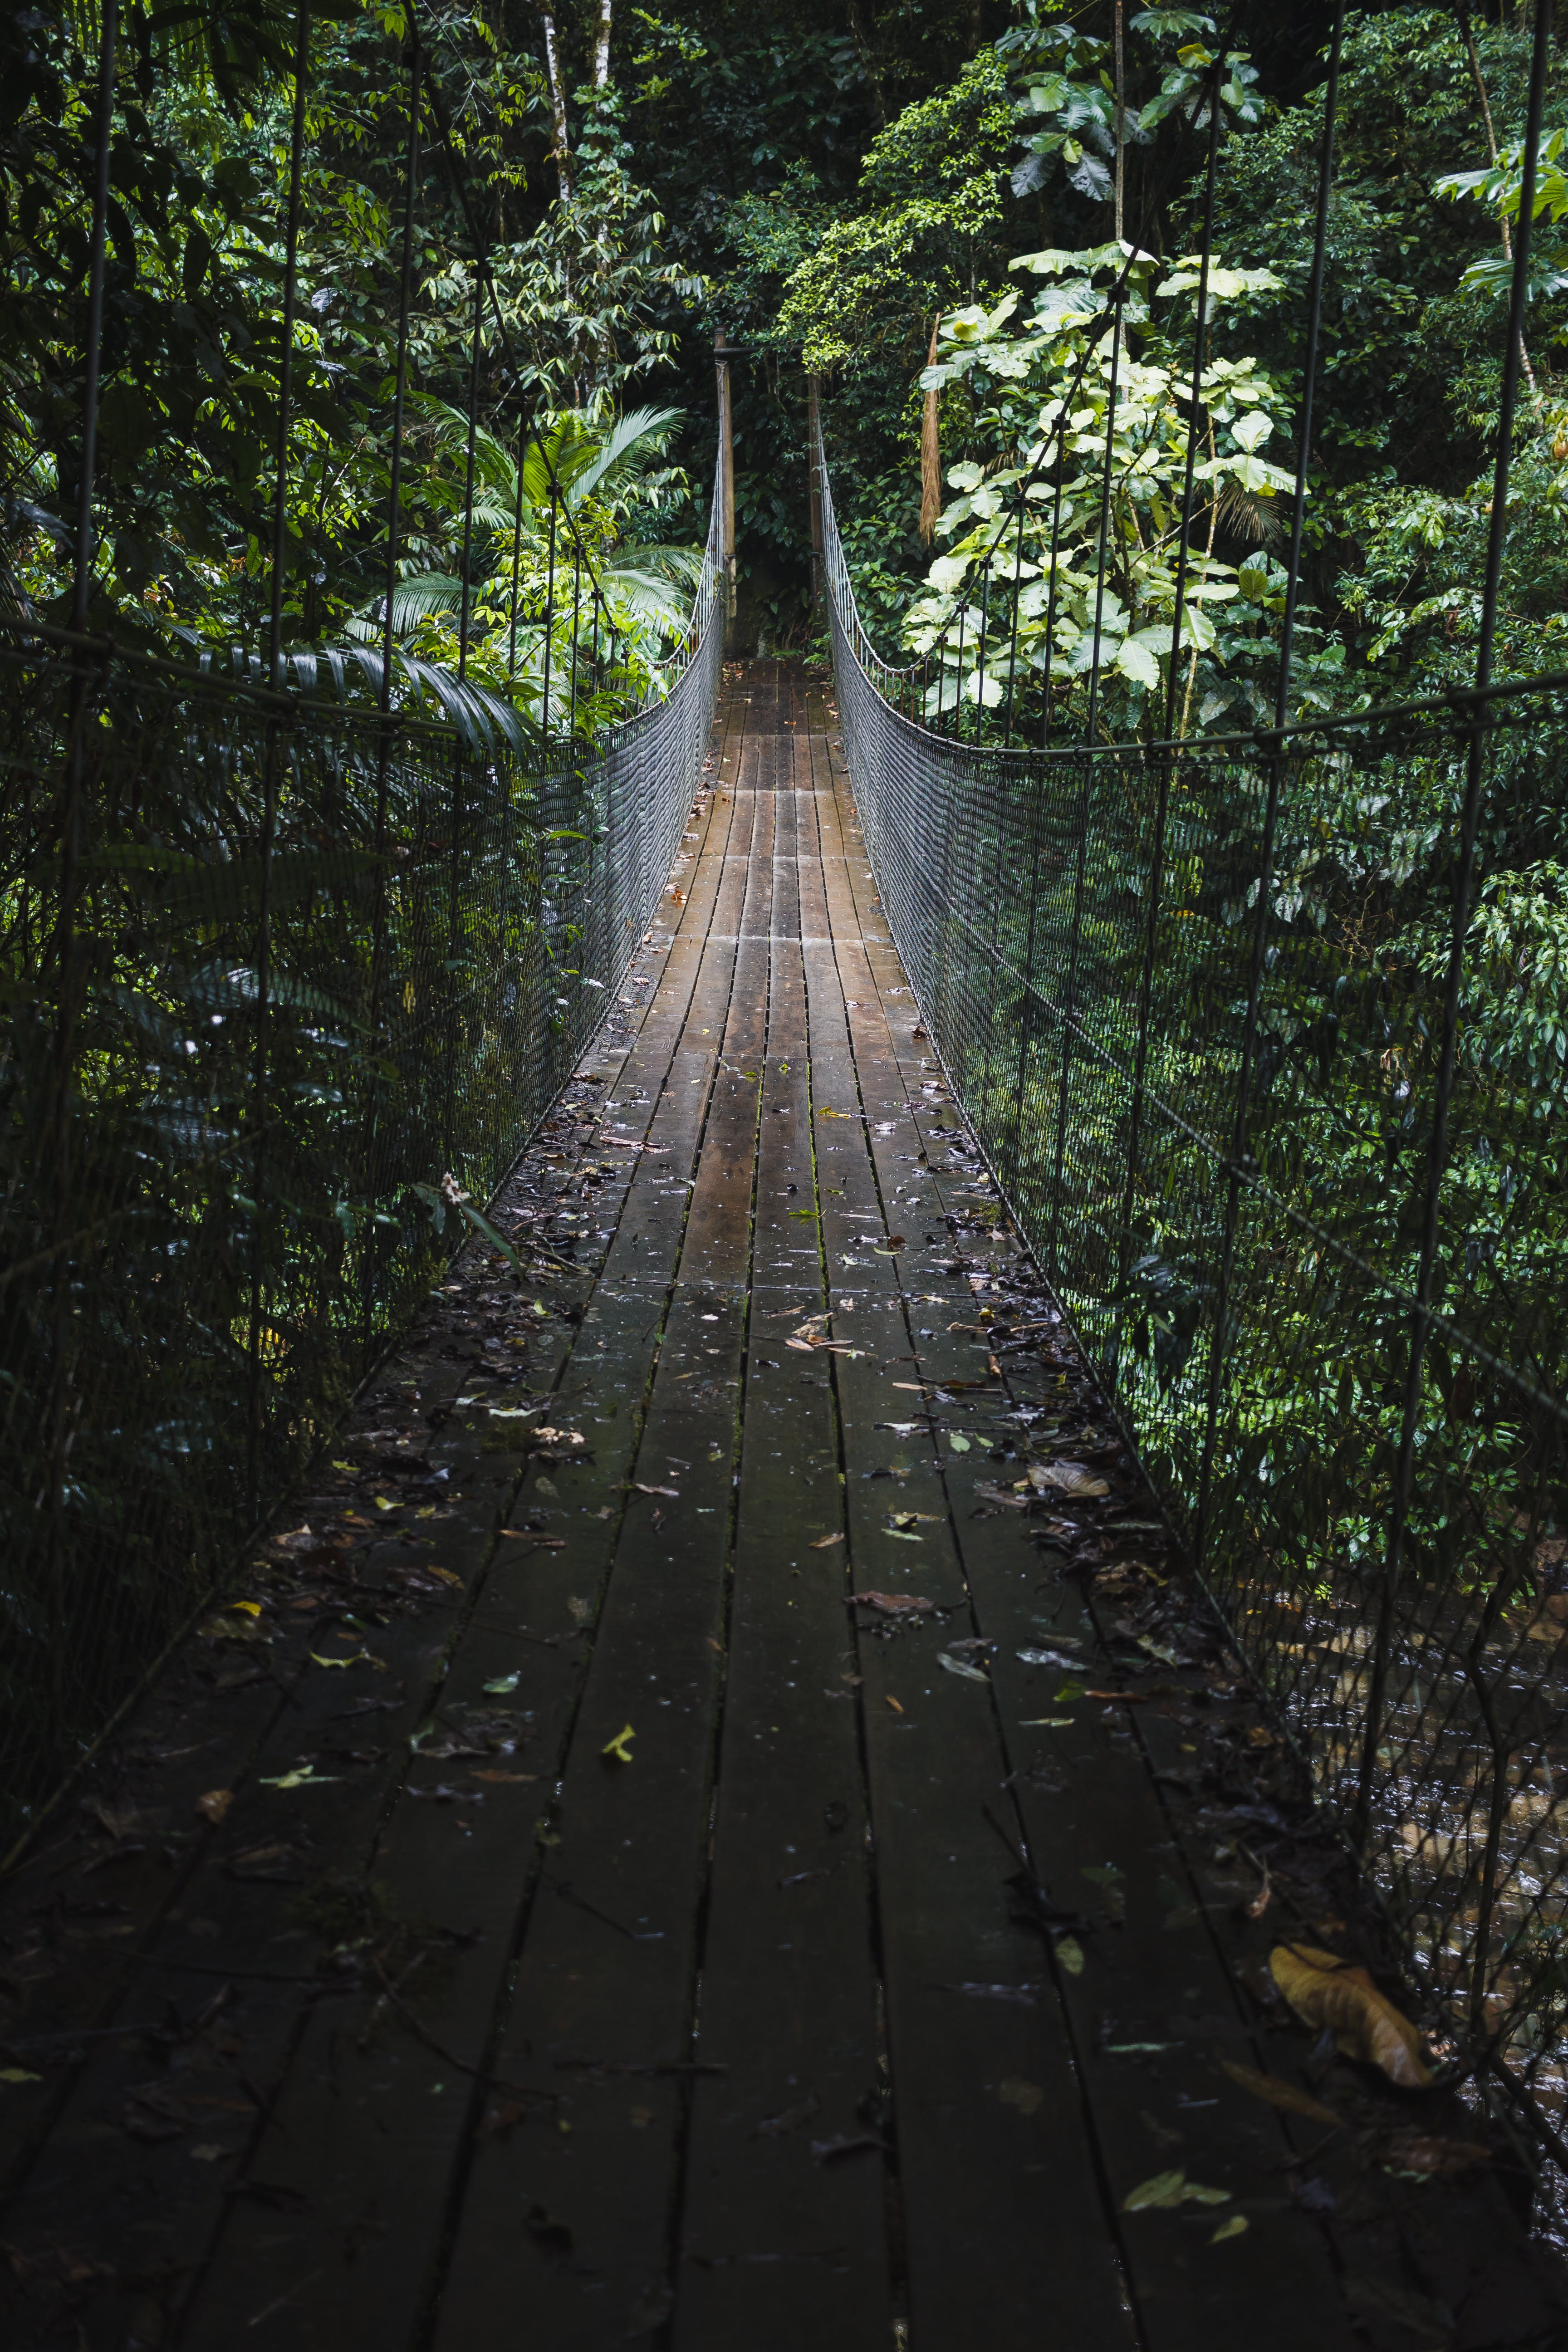 zu bäume, brücke, dschungel, hängebrücke